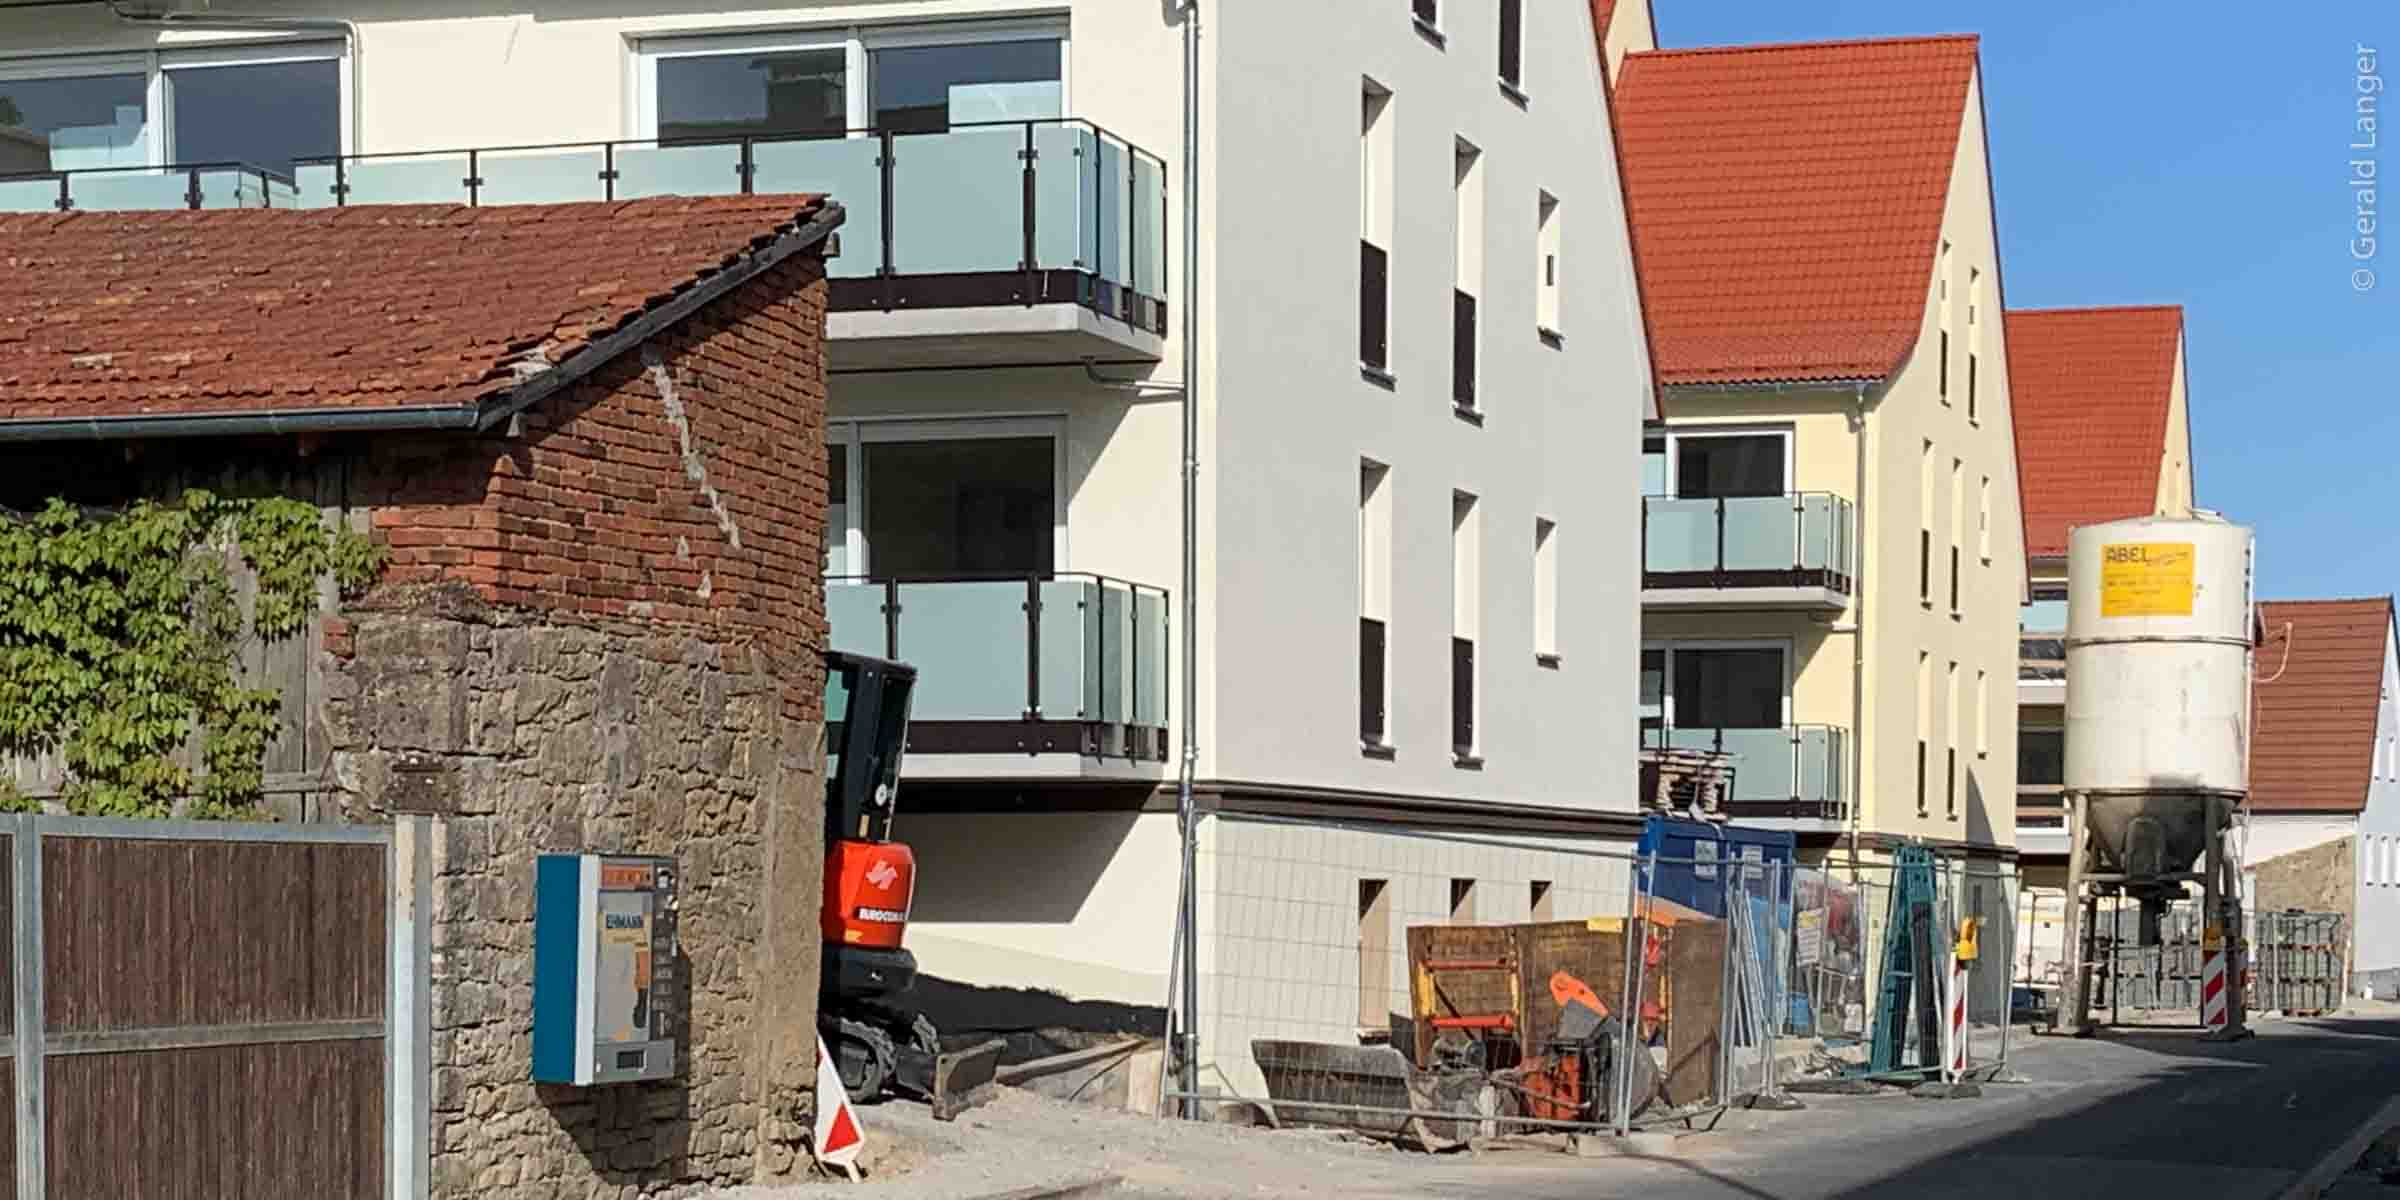 20190920_Kuernach-Semmelstrasse © Gerald Langer_1-2